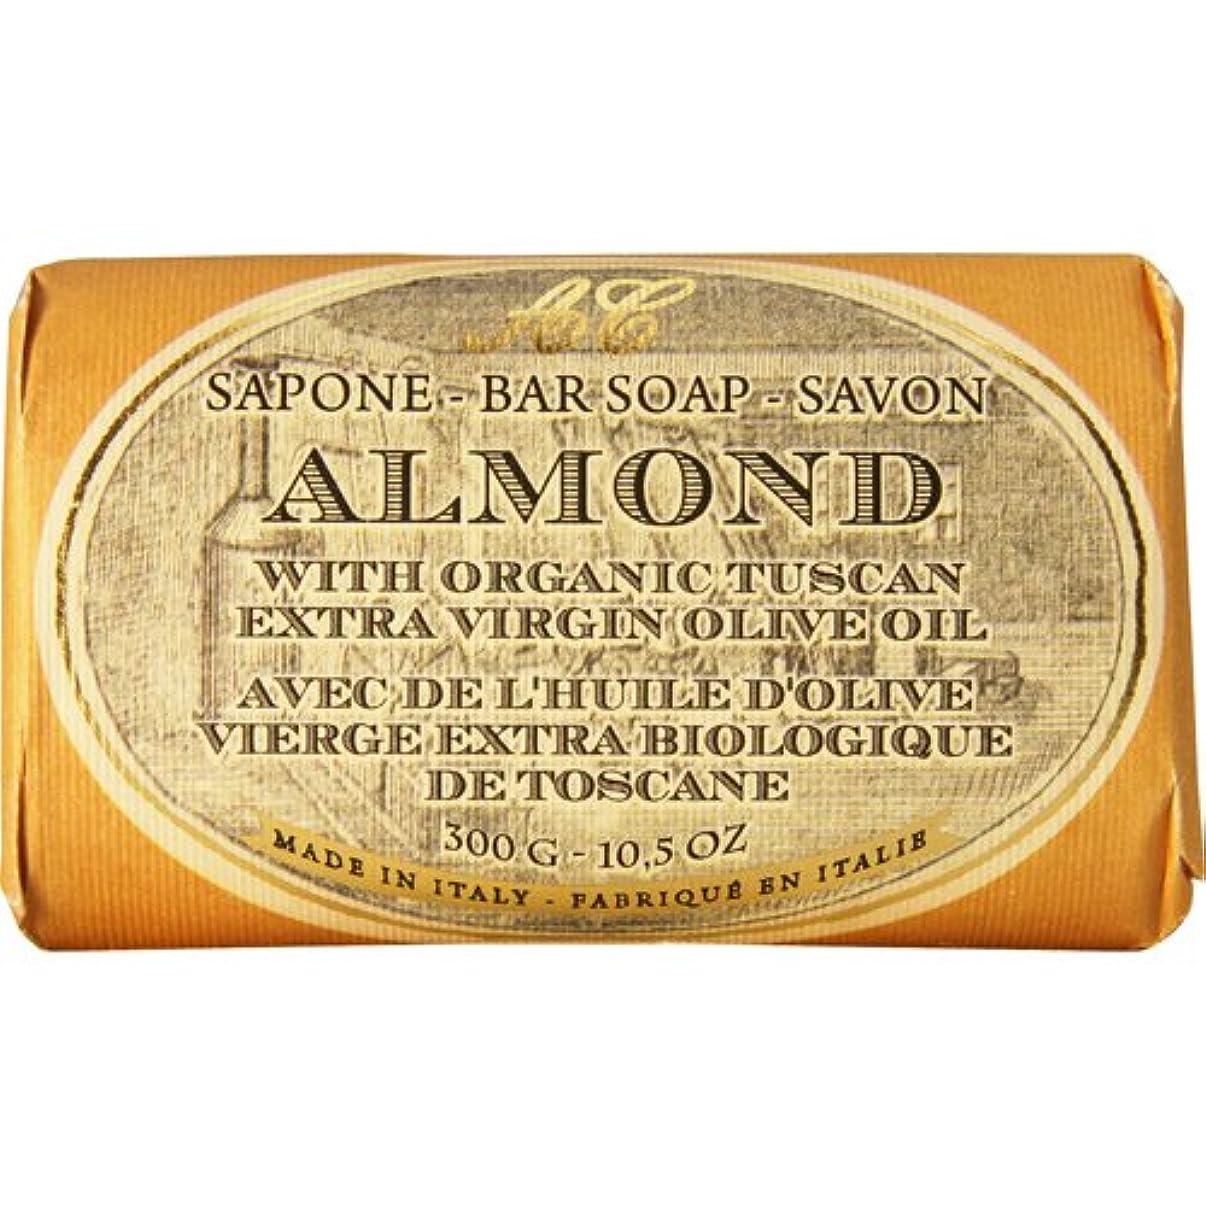 きちんとした真空あなたはSaponerire Fissi レトロシリーズ Bar Soap バーソープ 300g Almond アーモンドオイル